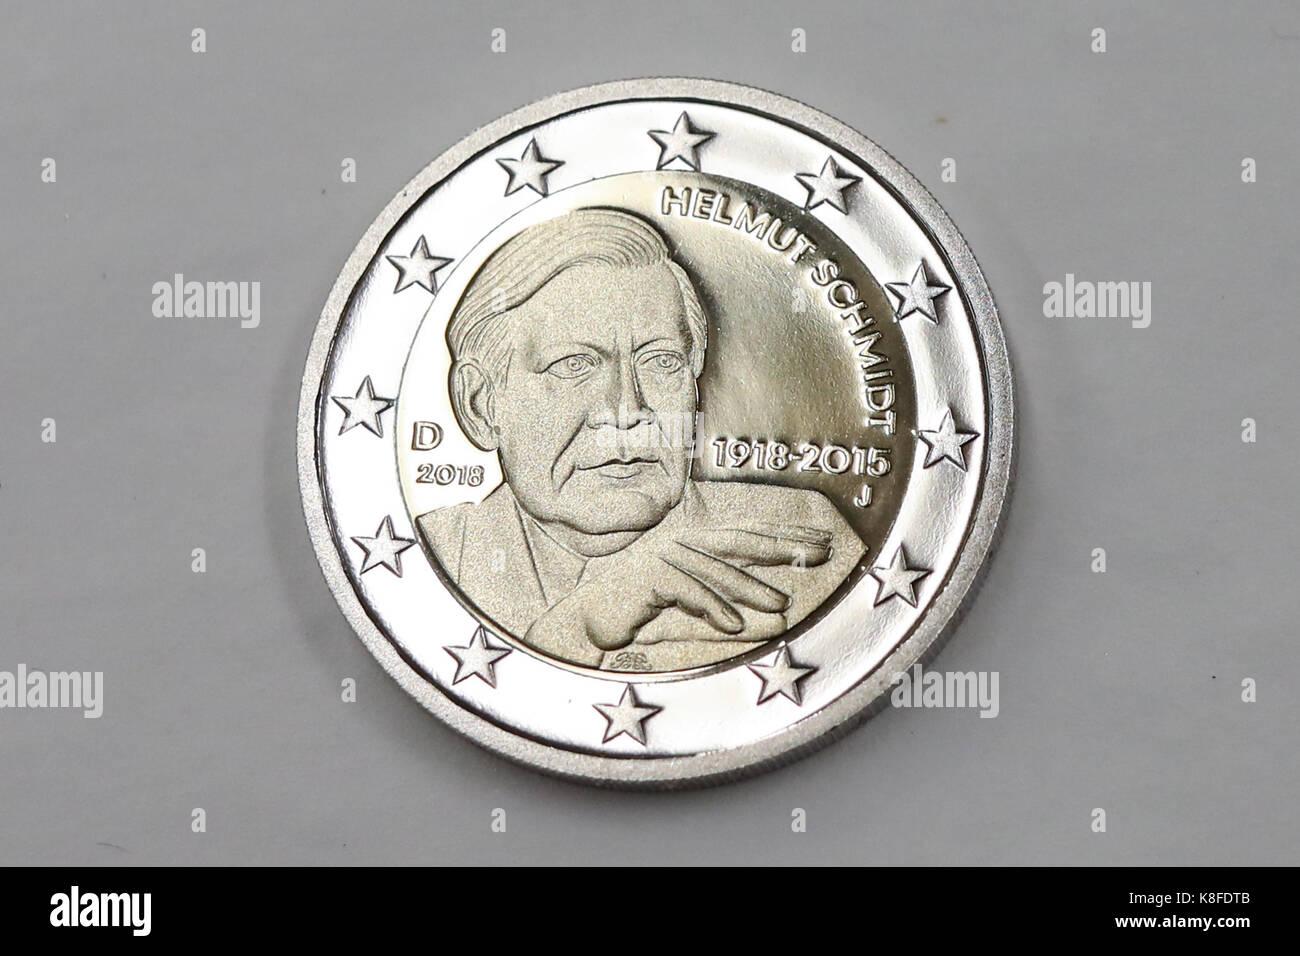 Ein Minted 2 Euro Münze Mit Dem Portrait Des Ehemaligen Deutschen